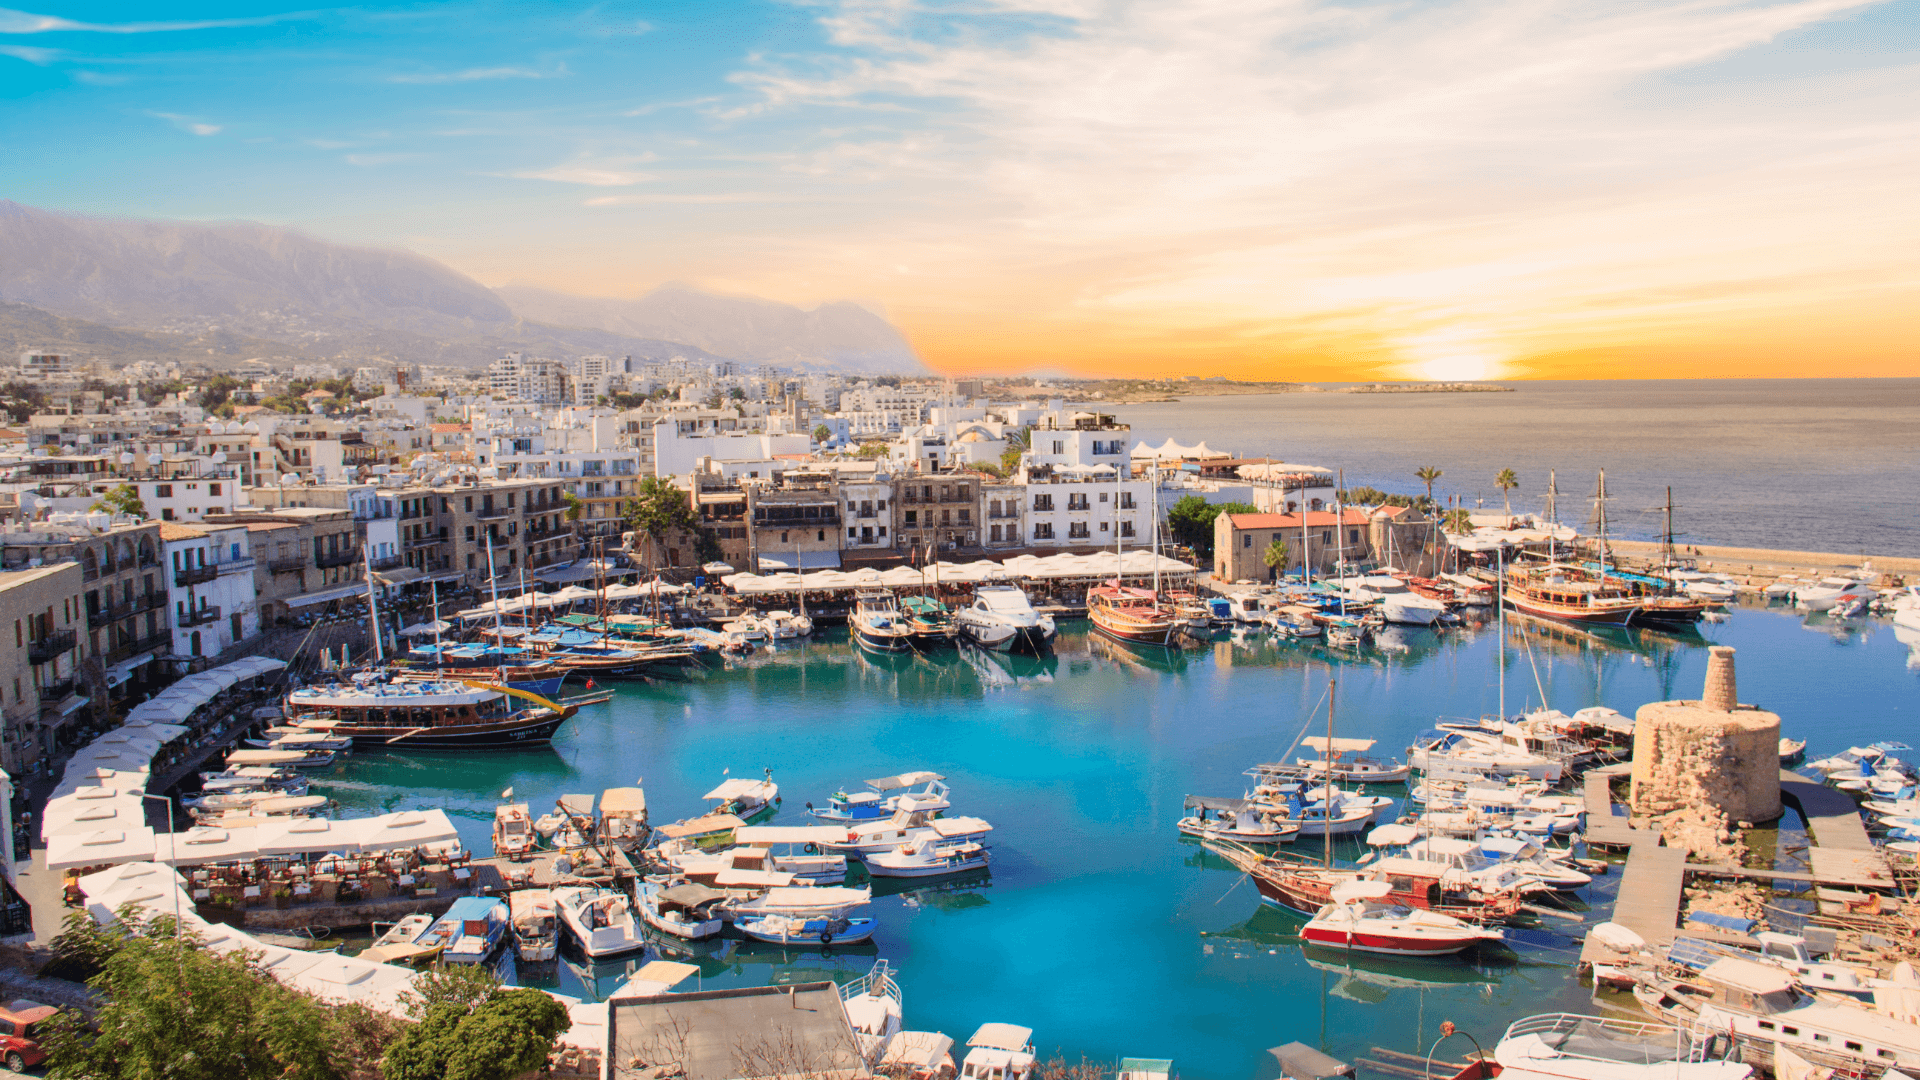 Kuzey Kıbrıs'ın Yöresel Lezzet Duraklarına Kısa Bir Bakış